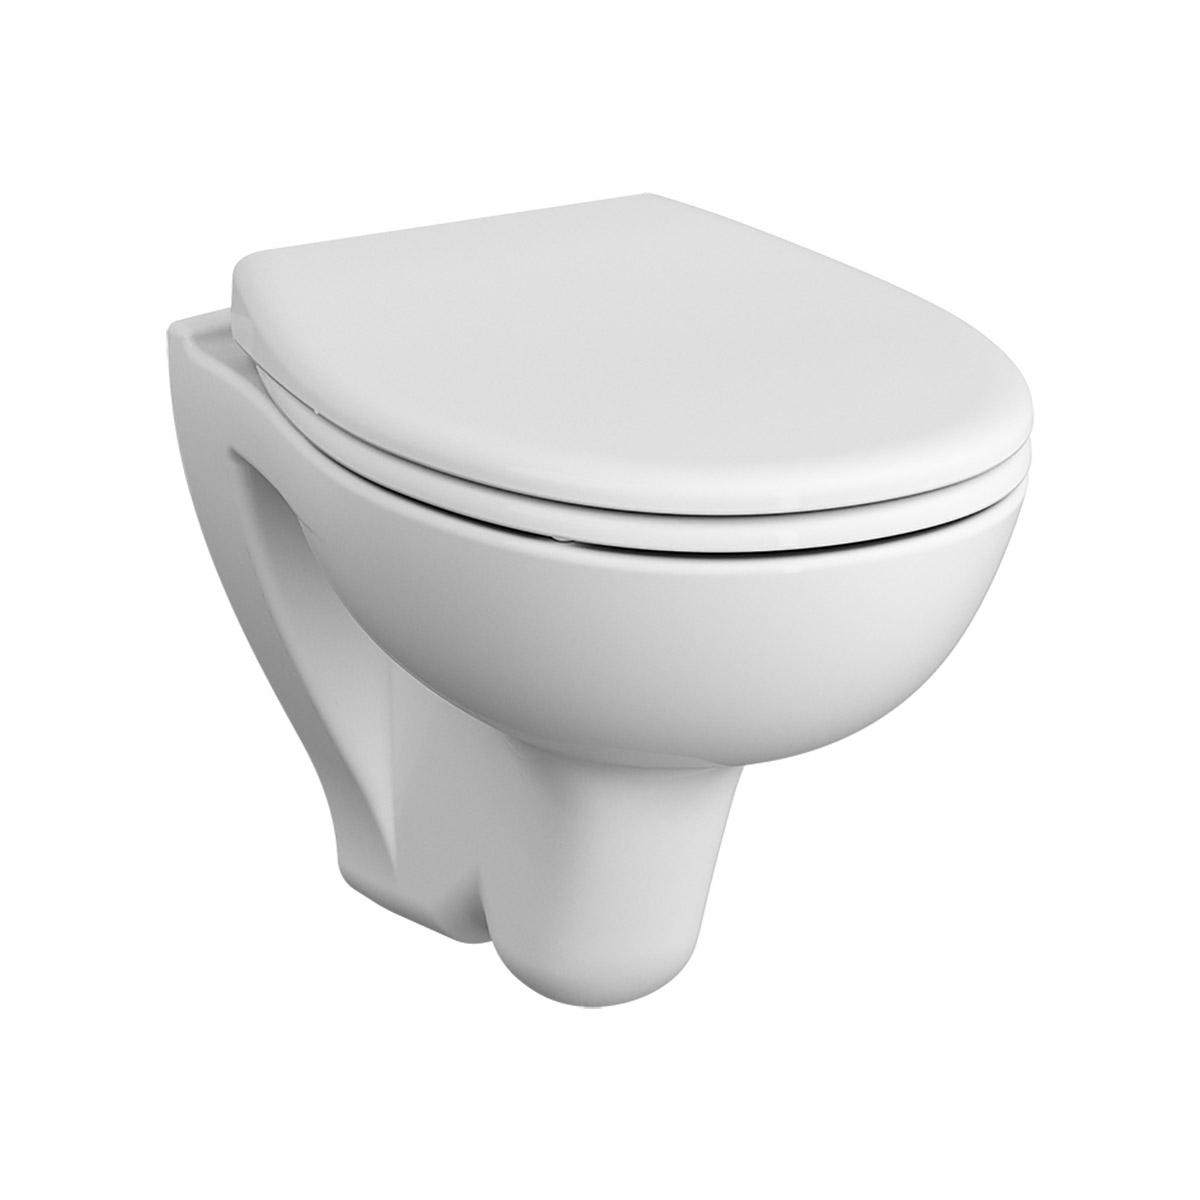 S20 Wand-WC mit Bidetfunktion, Universal Shape